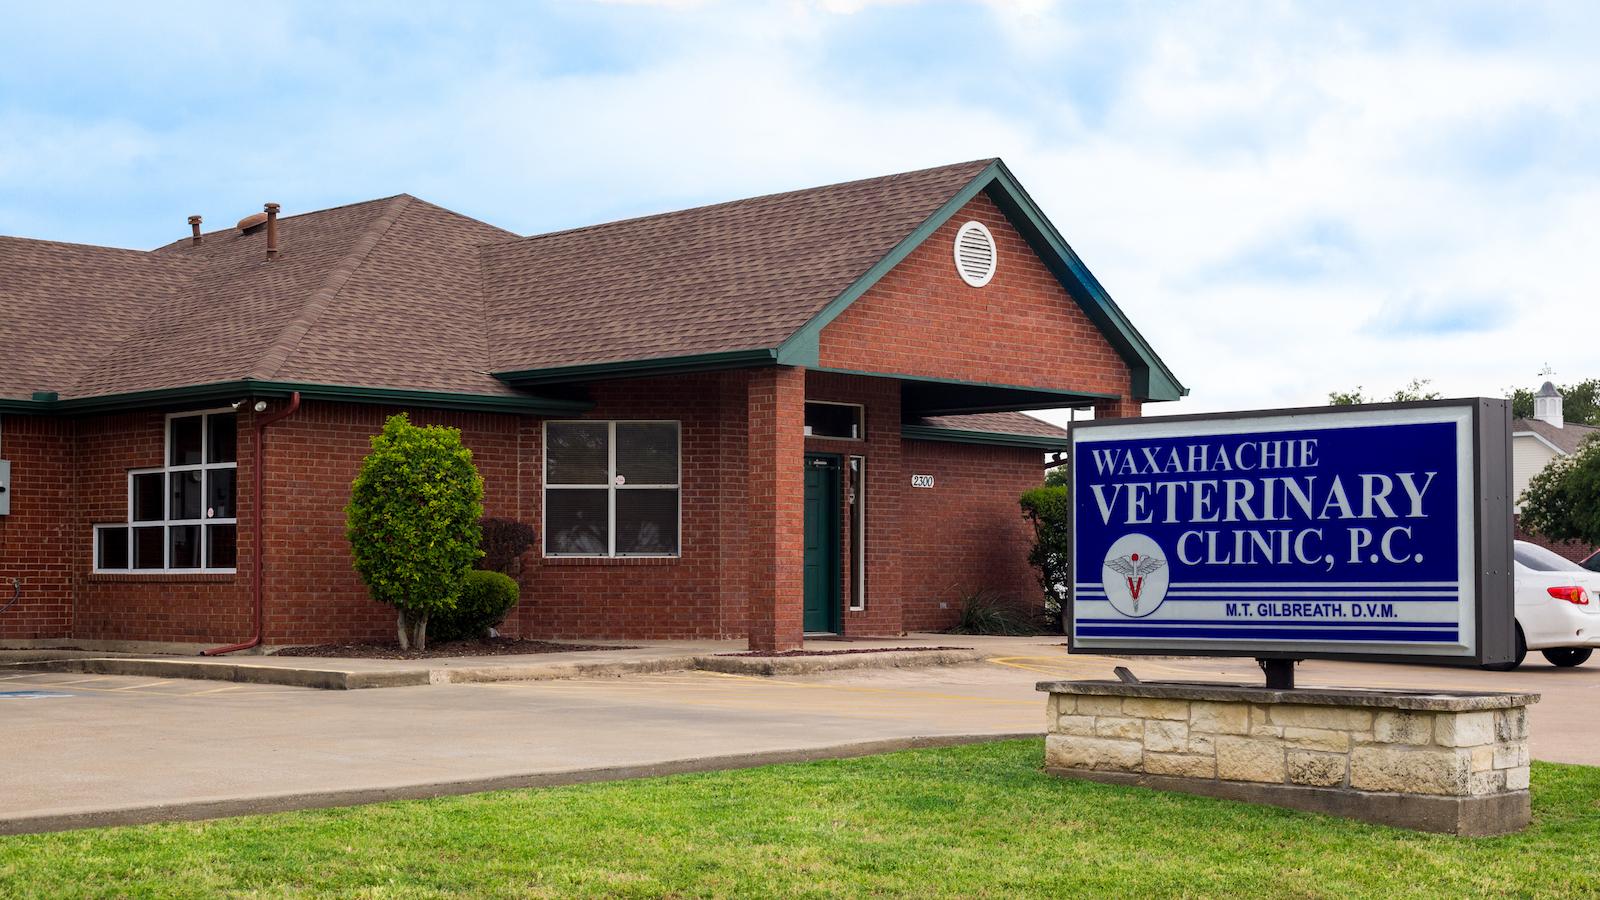 Waxahachie Veterinary Clinic